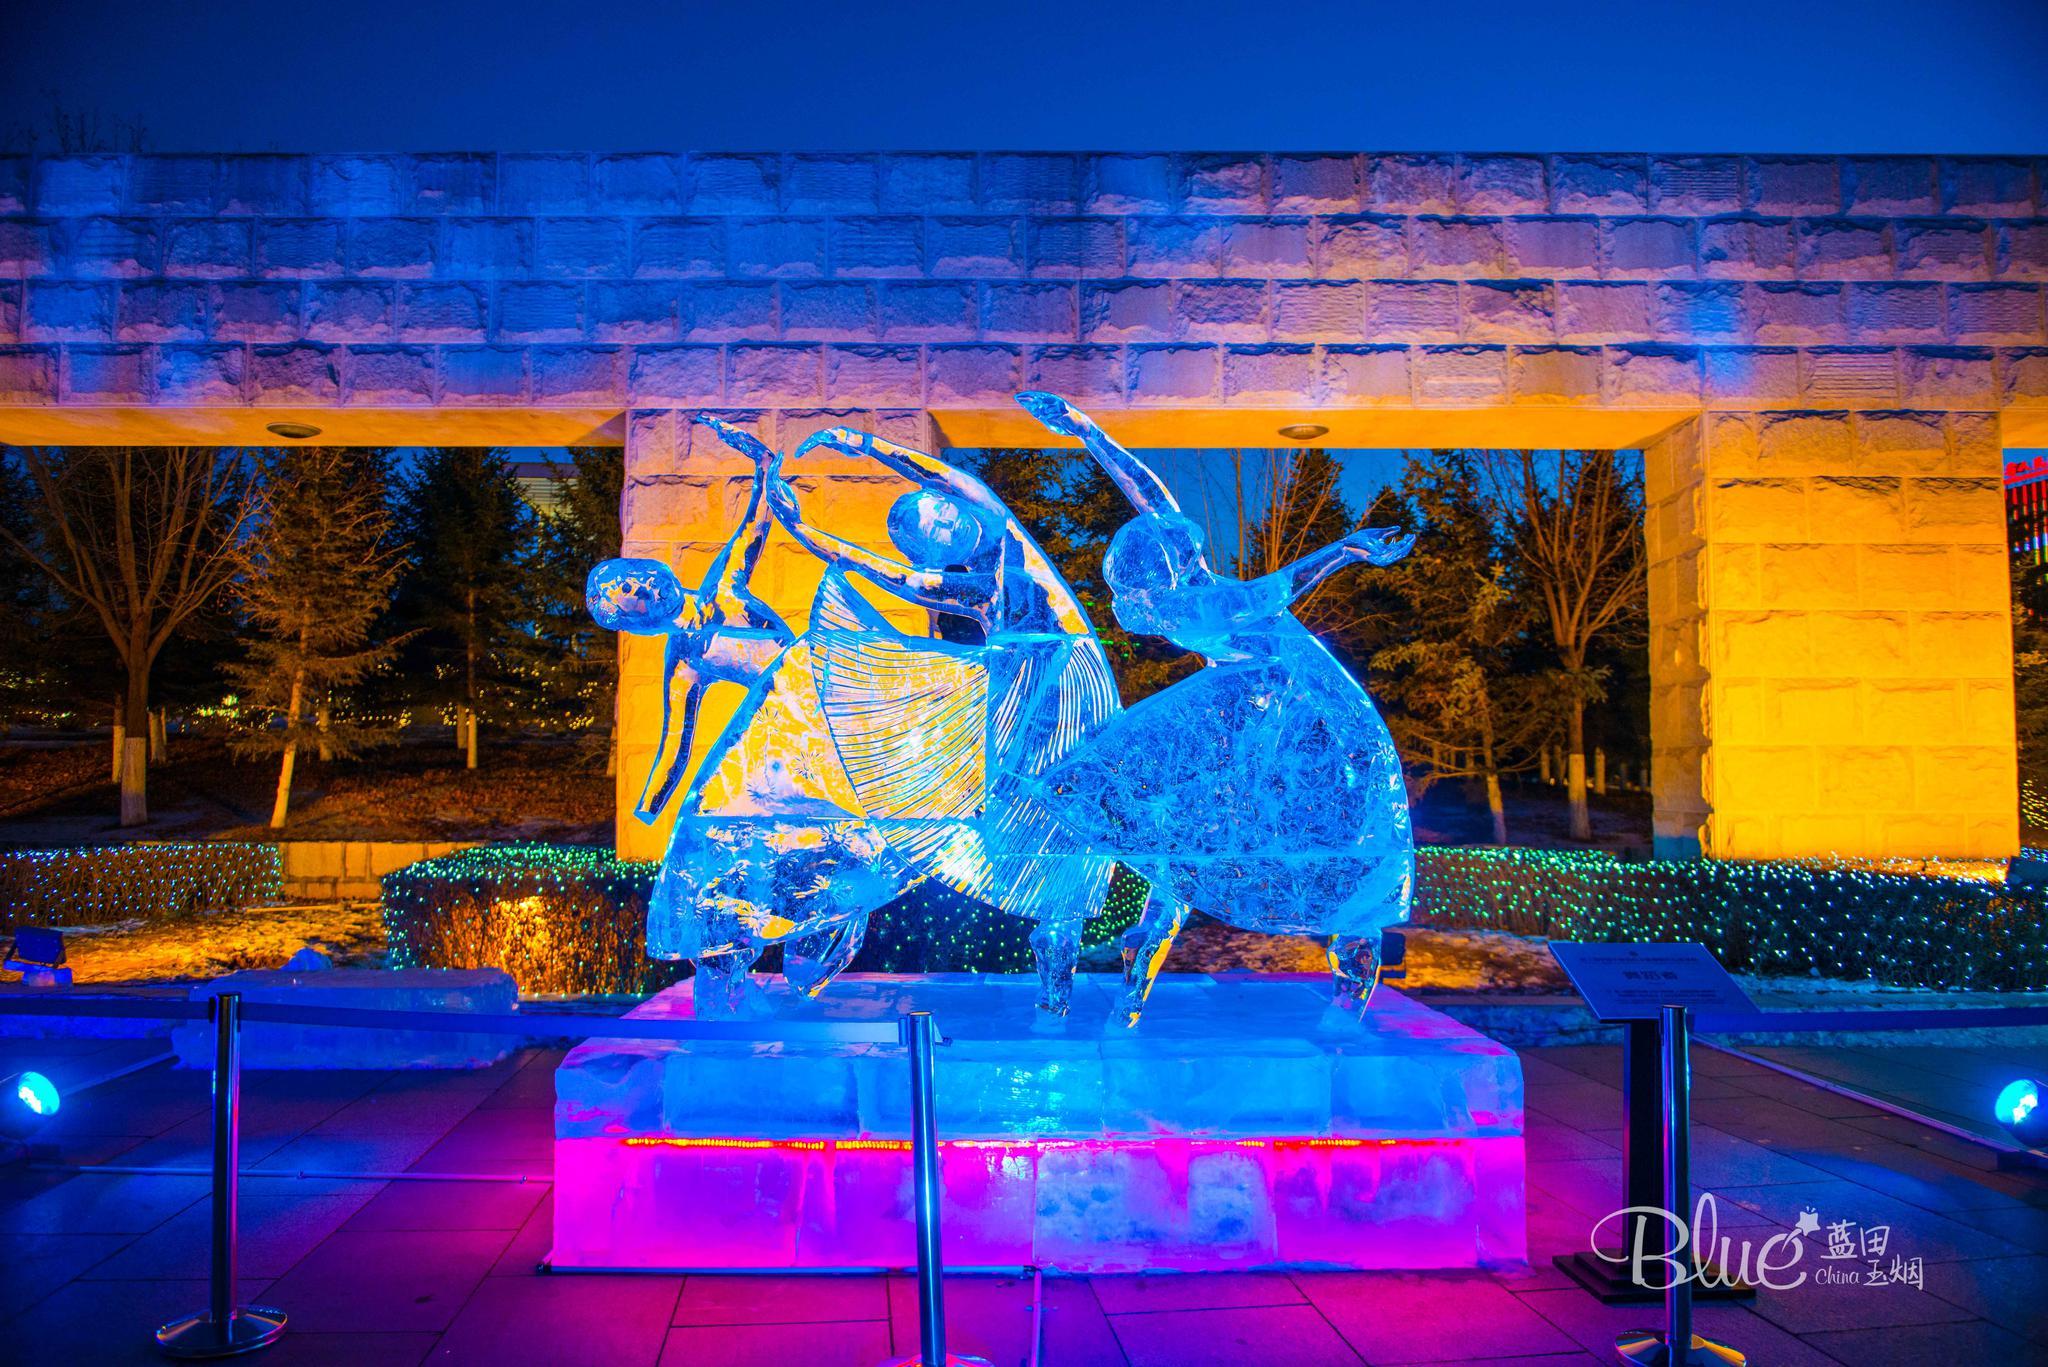 今年最美的冰雕,绝对是在长春雕塑园,不看绝对会后悔